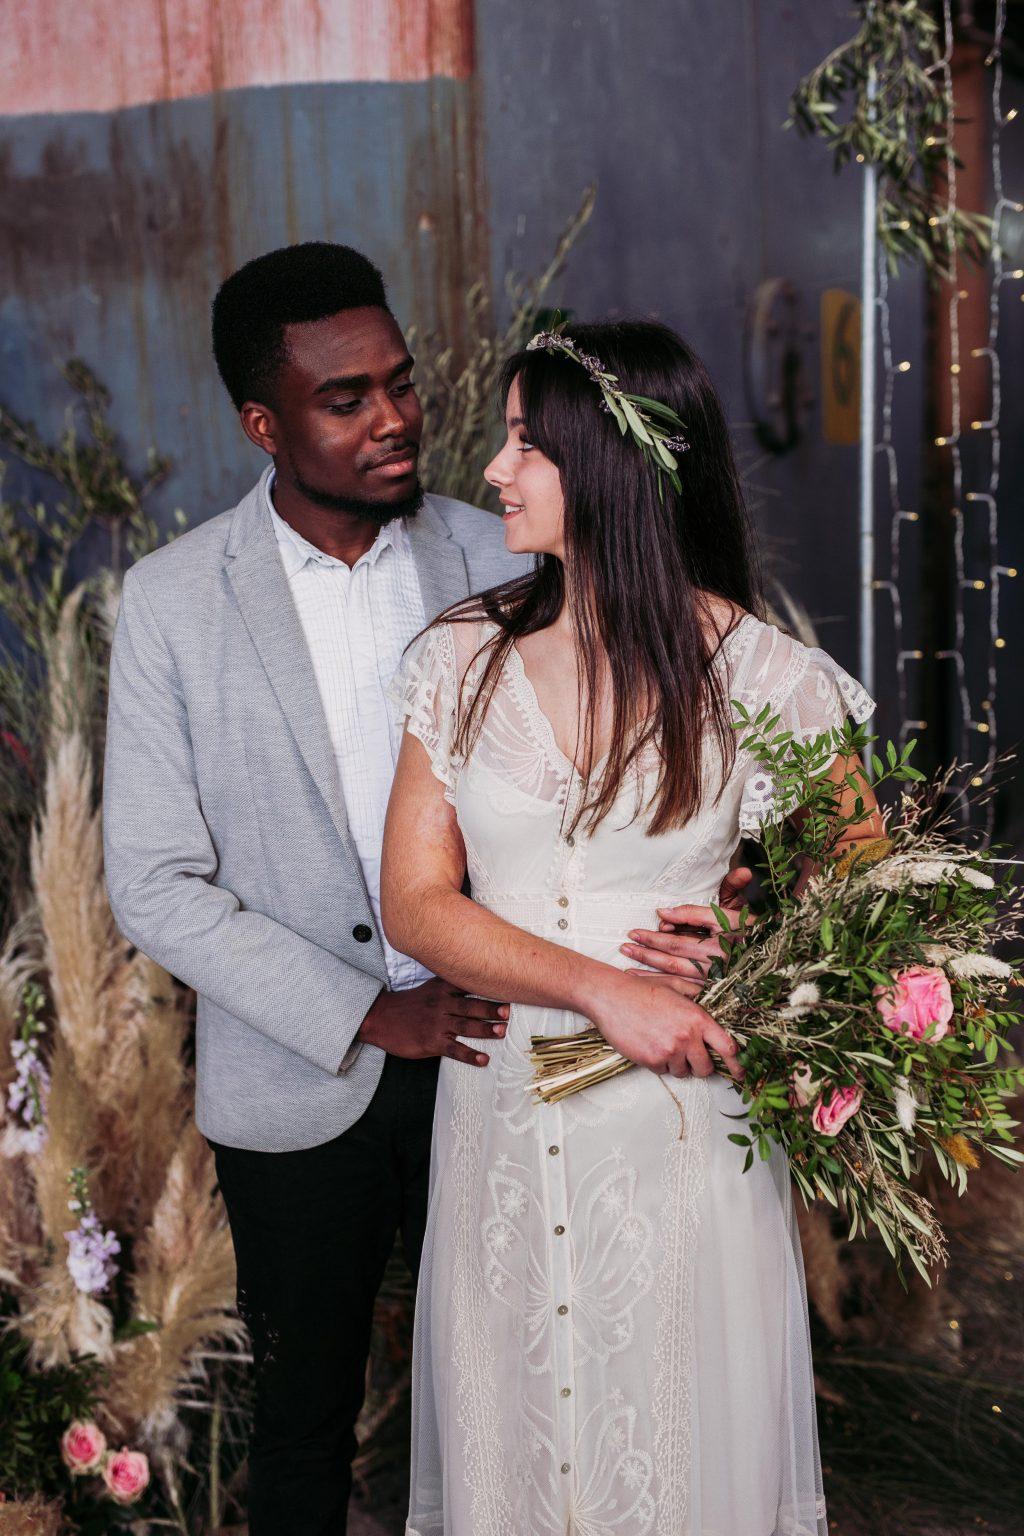 Inspiración para boda industrial editorial 15 - Inspiración para una Boda Industrial y Boho